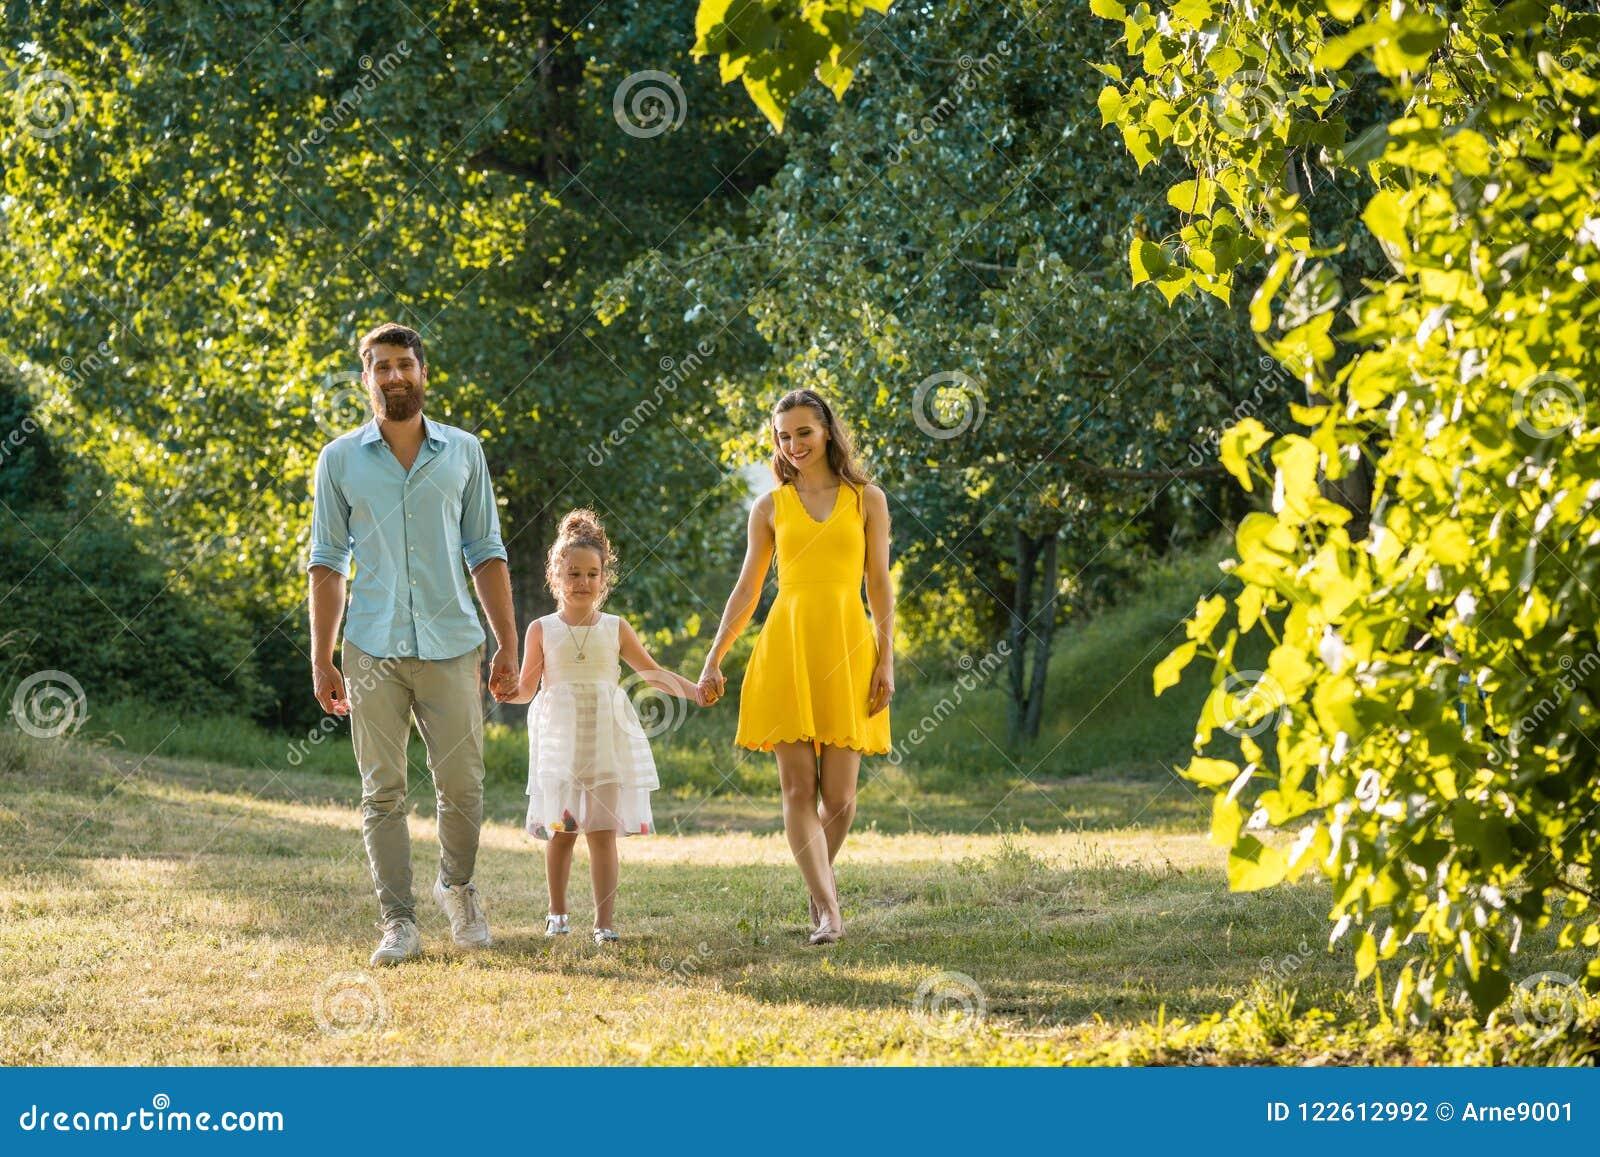 Preoccuparsi parents tenersi per mano della figlia mentre cammina insieme